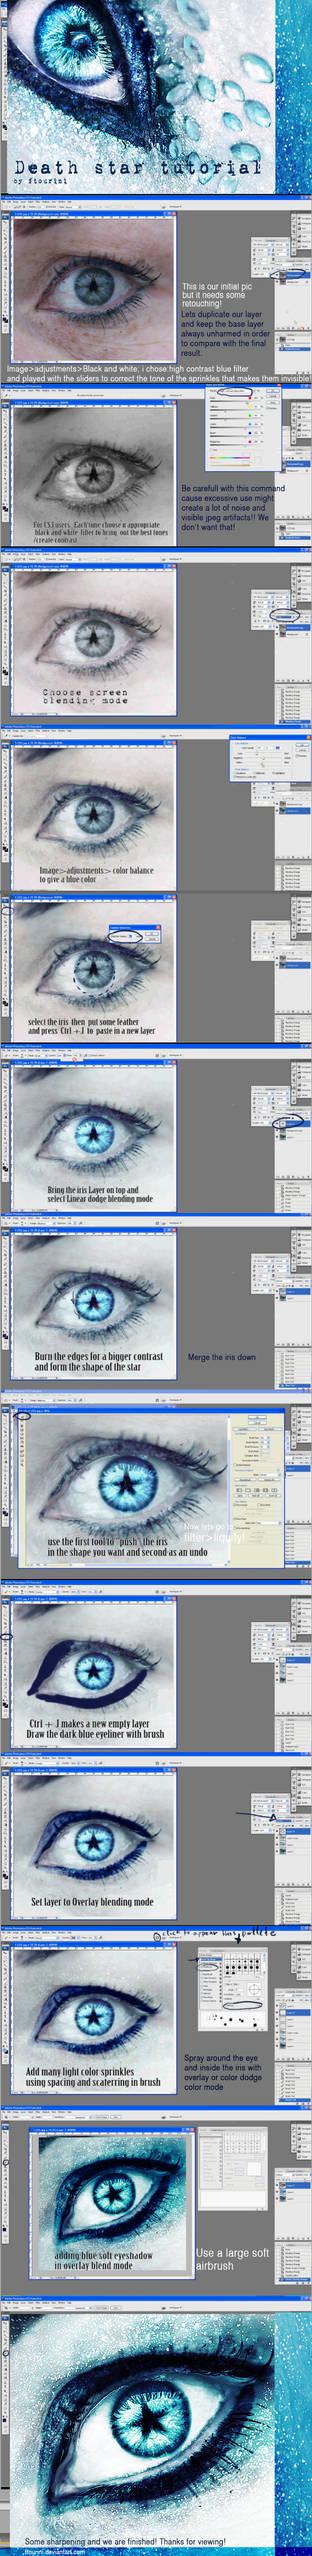 eye tutorial- death star